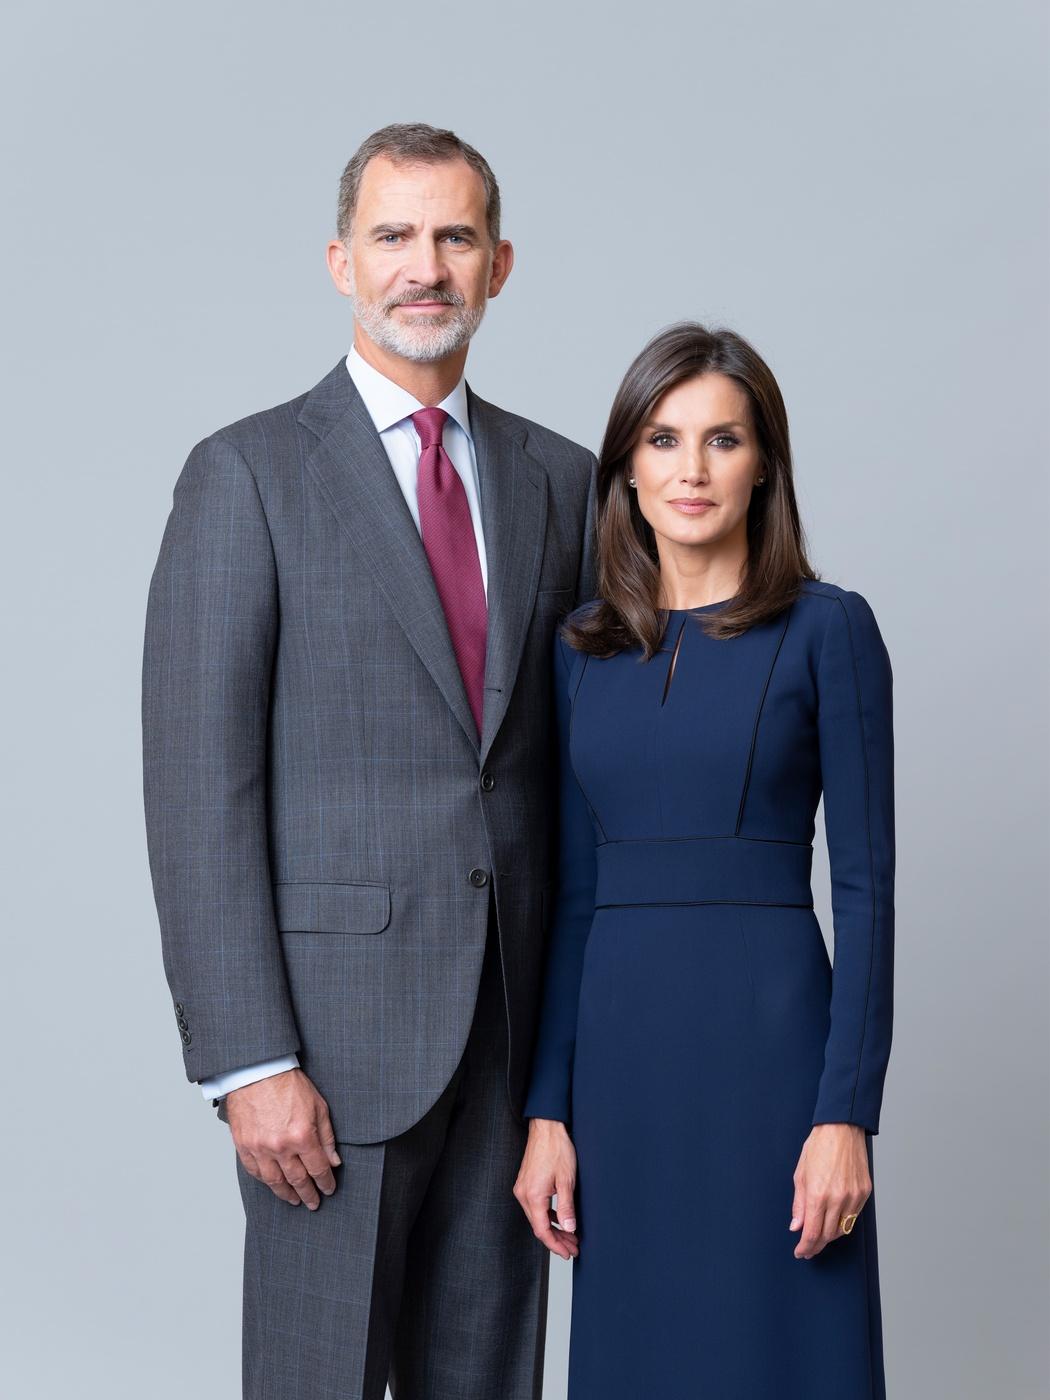 © Casa de S.M. el Rey Fotografía oficial de Sus Majestades los Reyes Don Felipe y Doña Letizia (Estela de Castro)